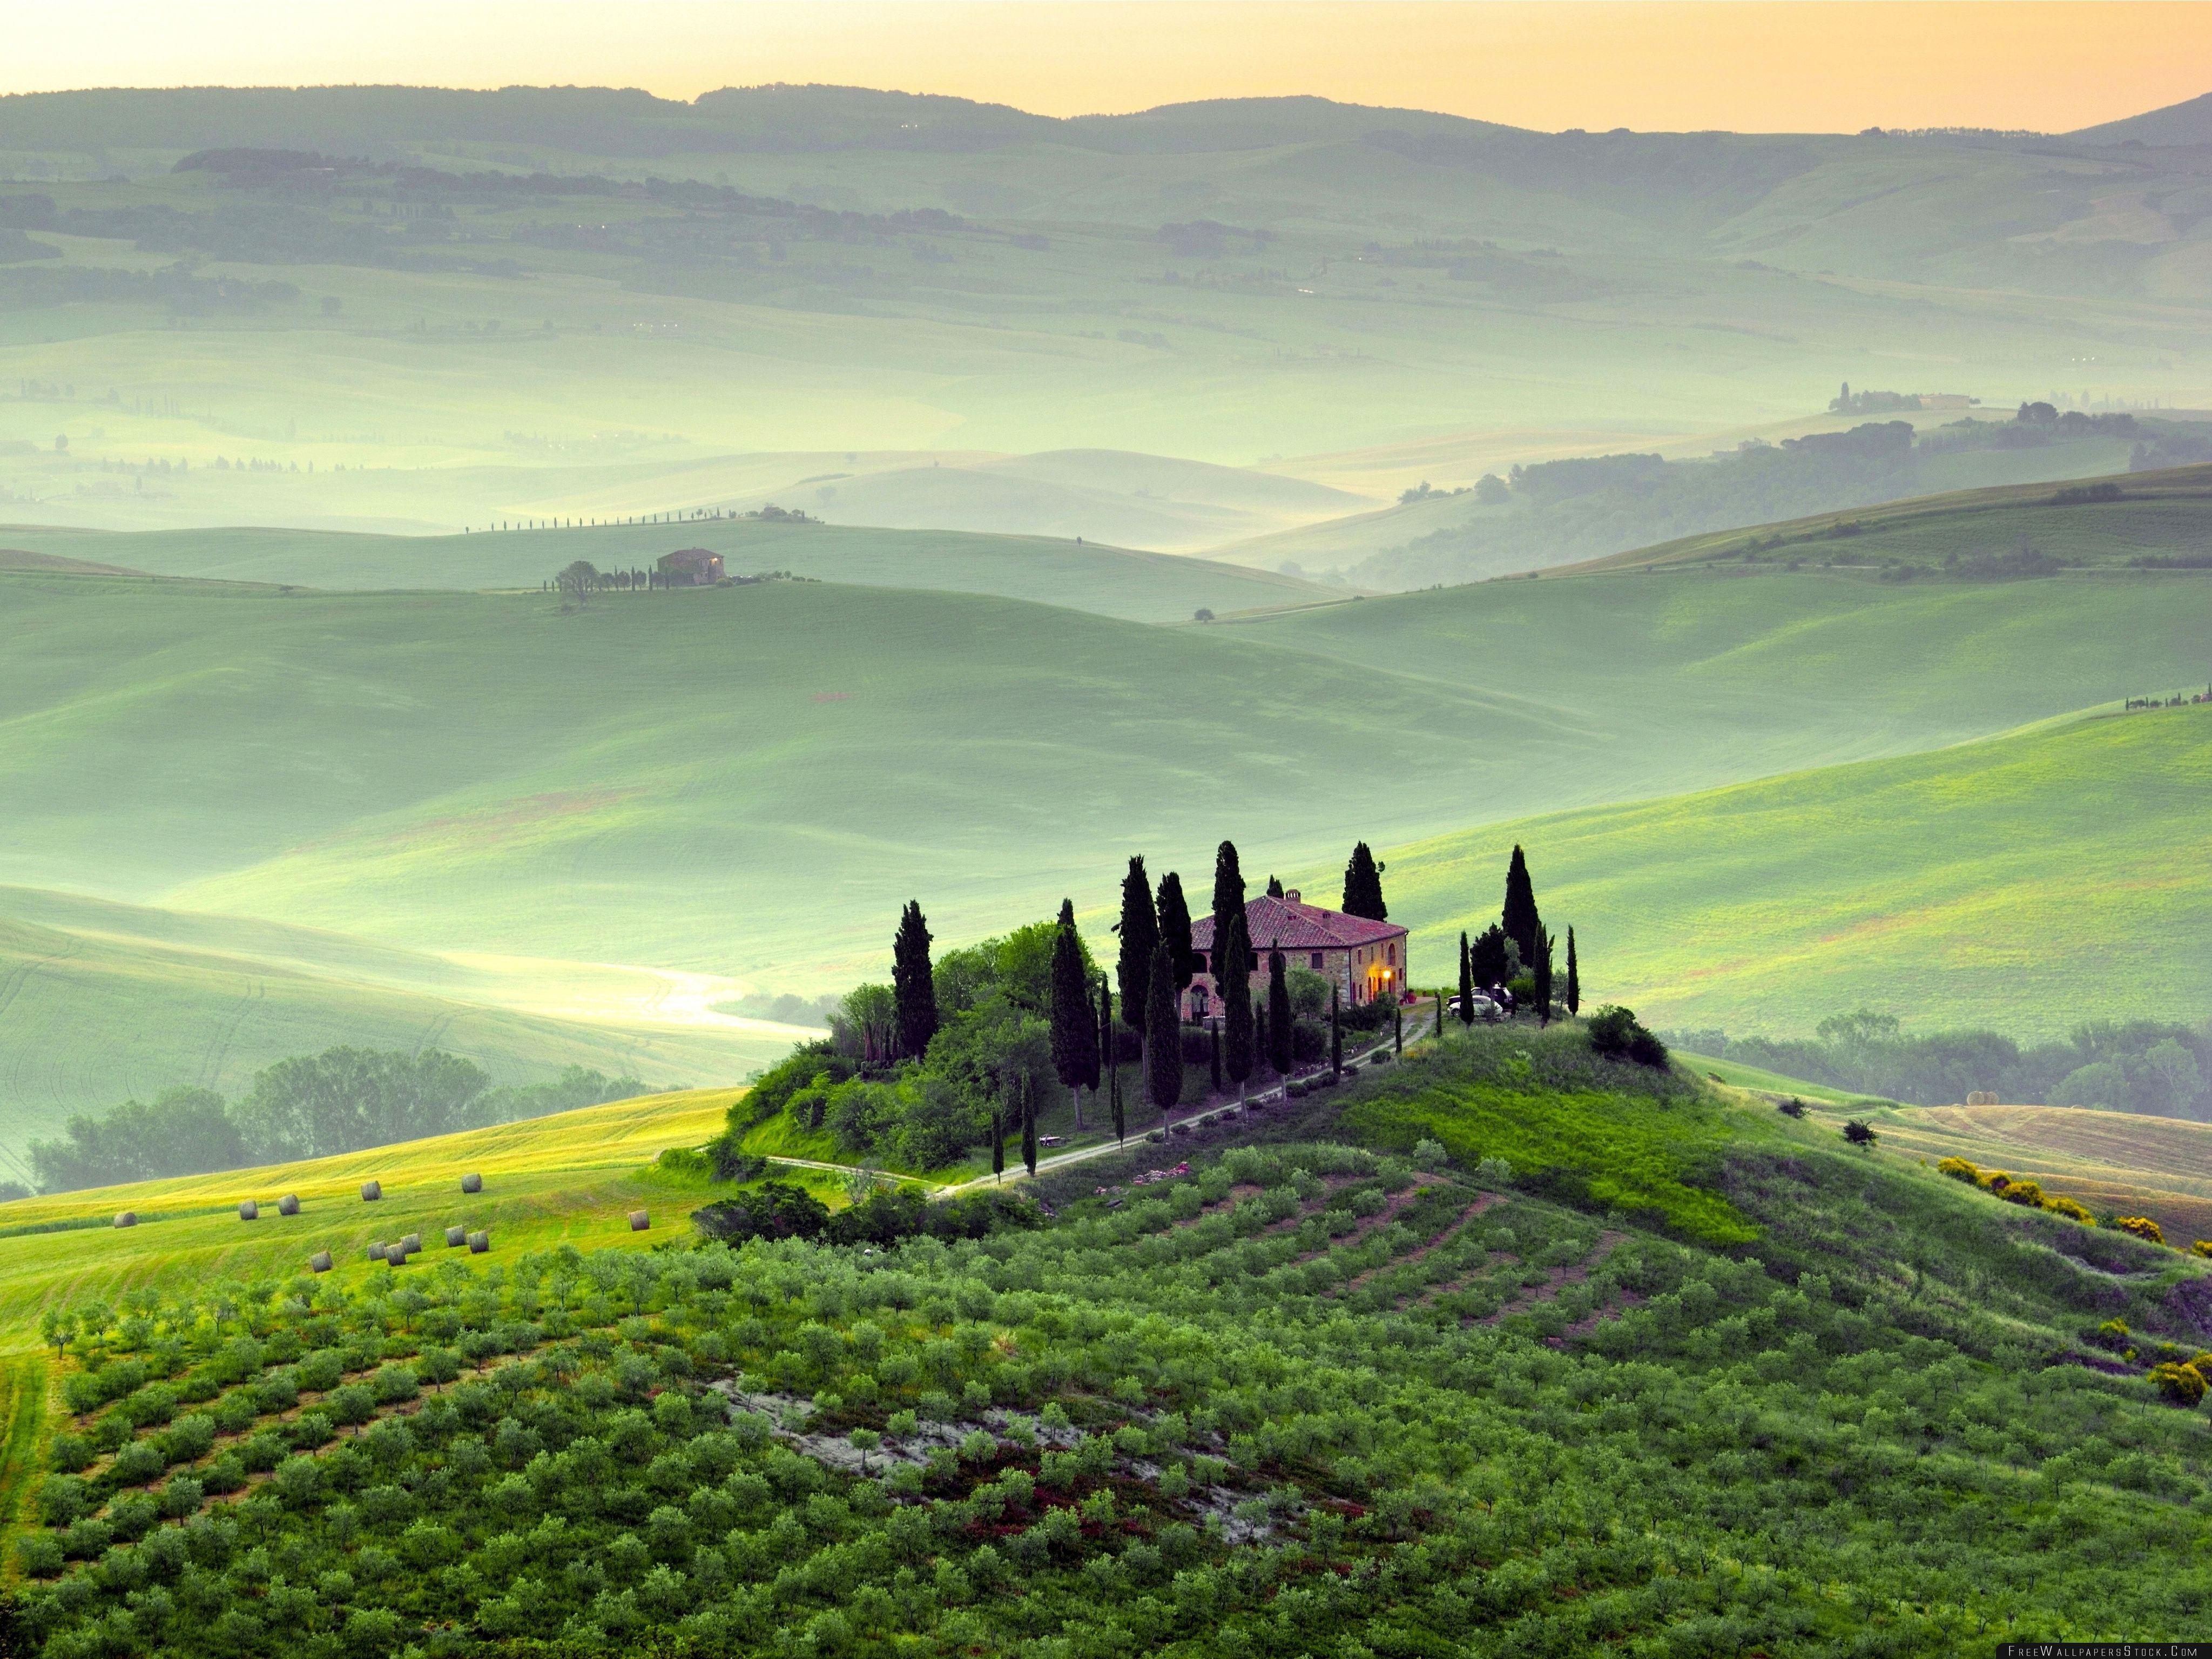 Download Free Wallpaper Pienza Toscana Tuscany Italy